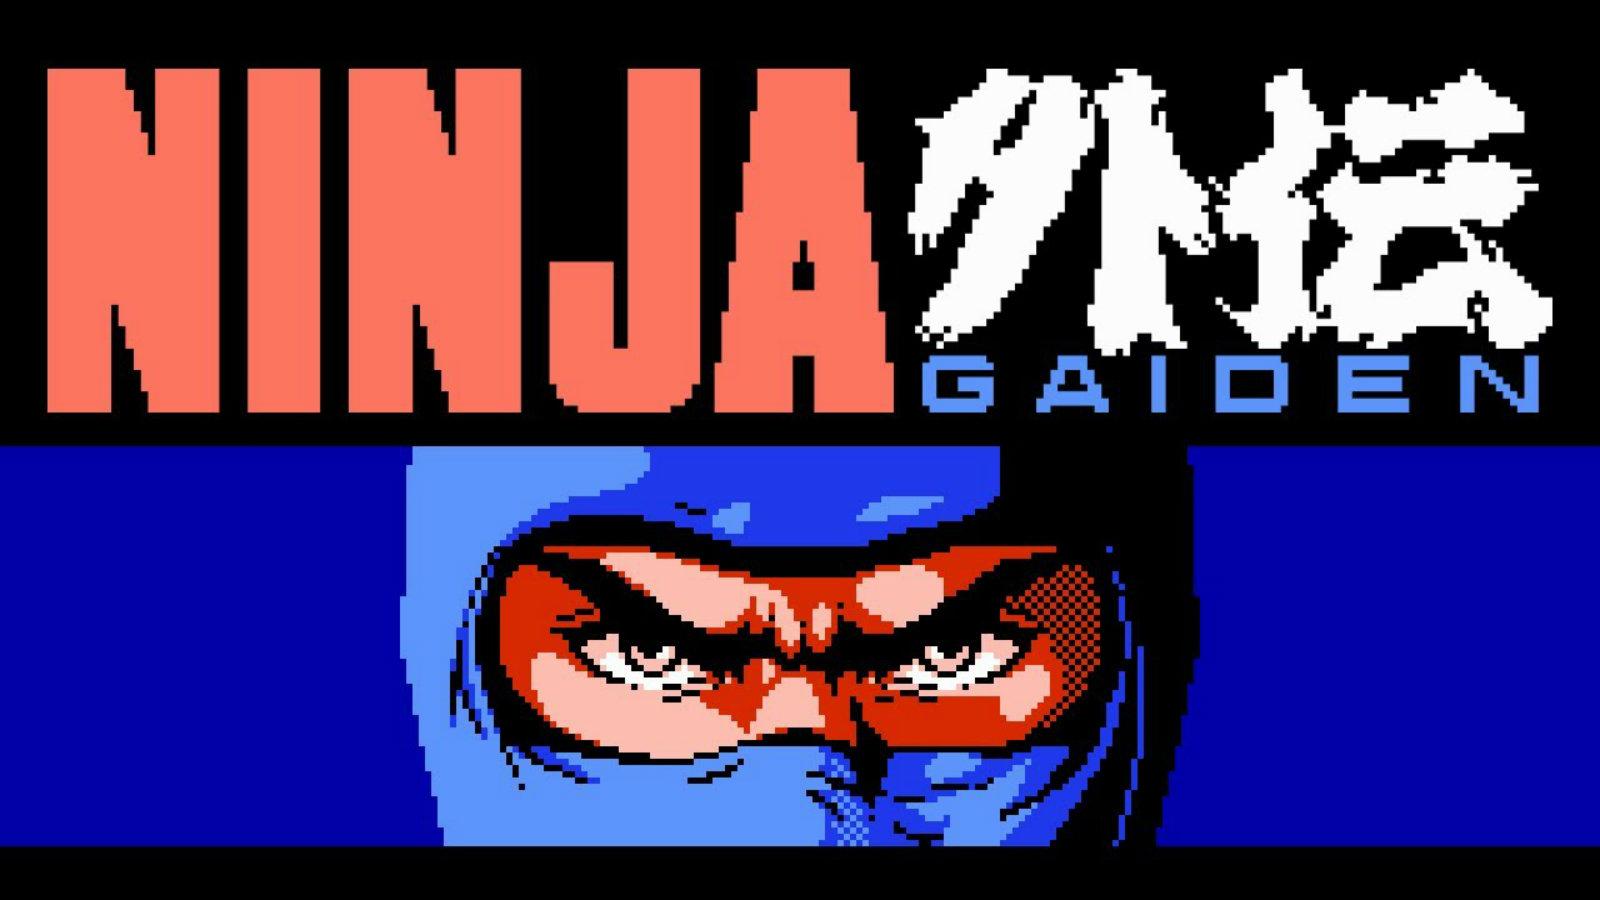 Ryu in Ninja Gaiden on NES